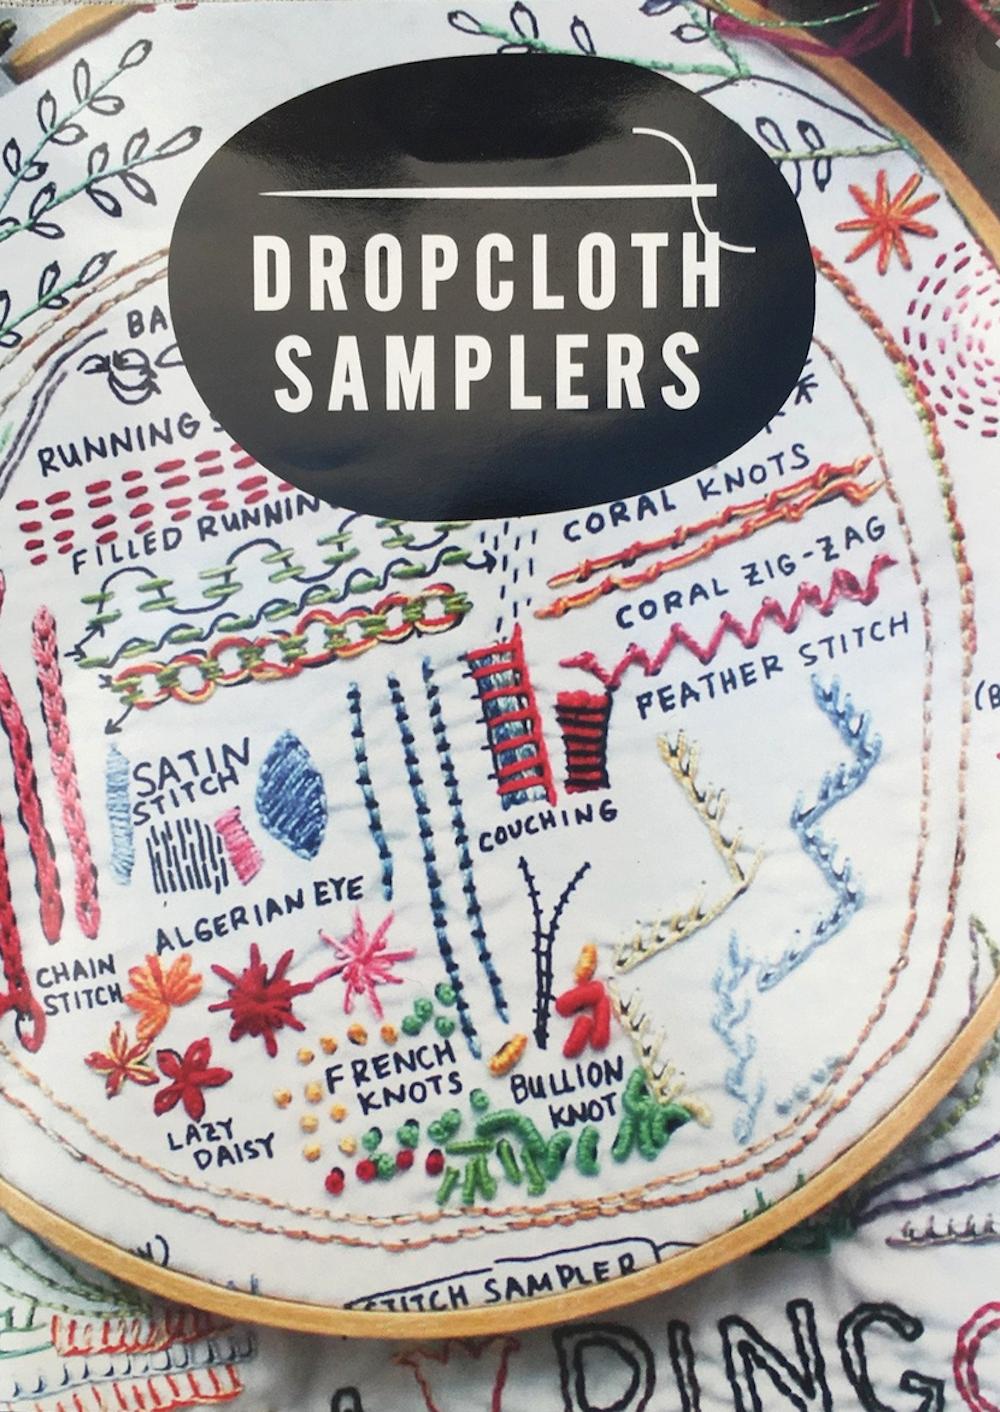 Original Embroidery Sampler - Dropcloth Samplers